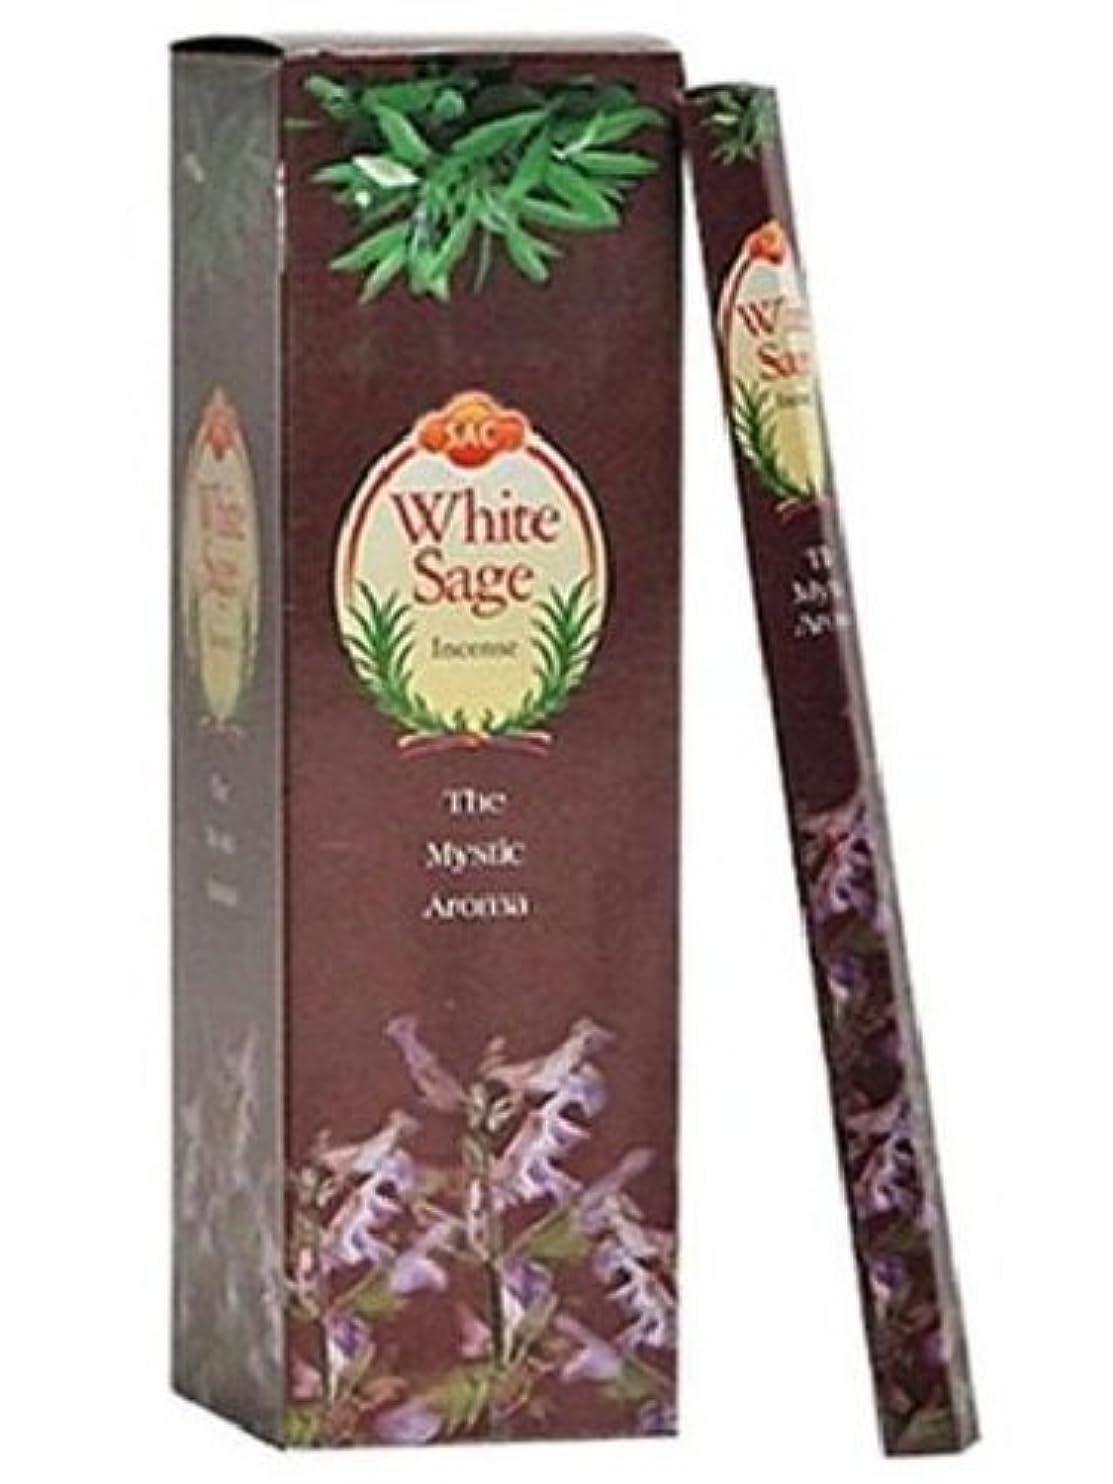 過去カウントミッションJBJ Sac White Sage Incense, 120-Sticks by JBJ [並行輸入品]